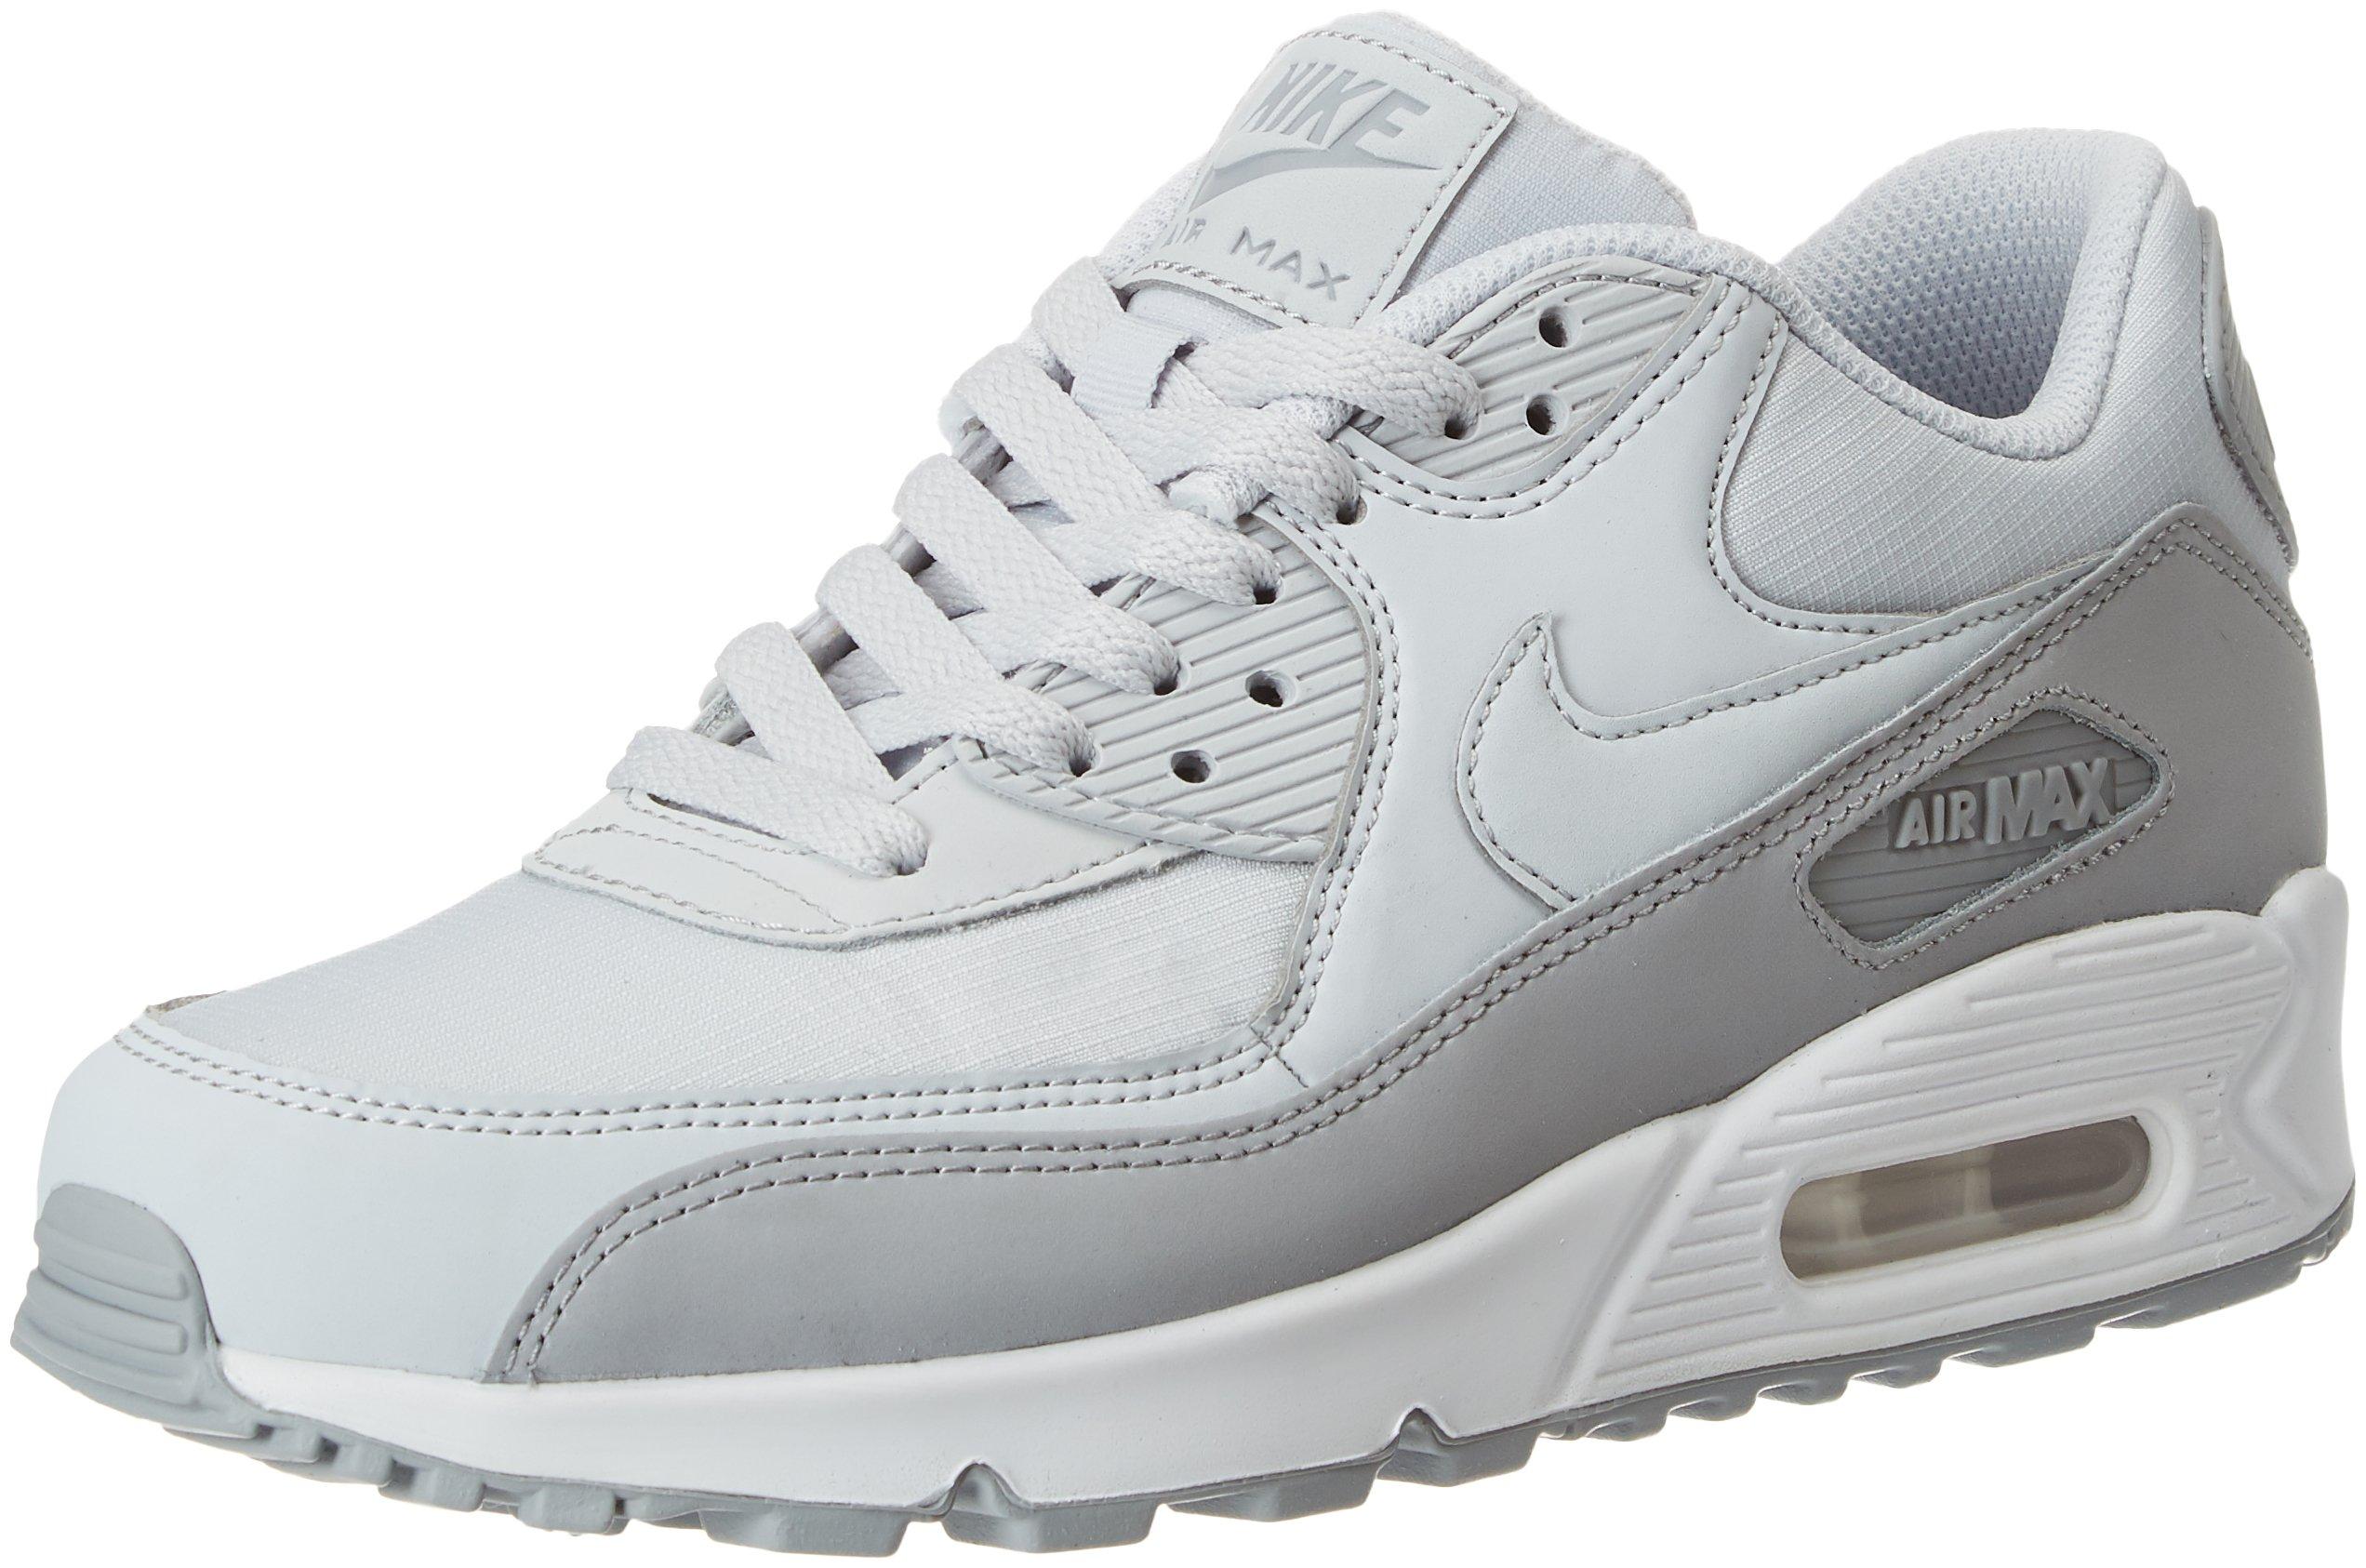 Nike Air Max 90 Leather Herren Sneakers, weiß (whitewhi